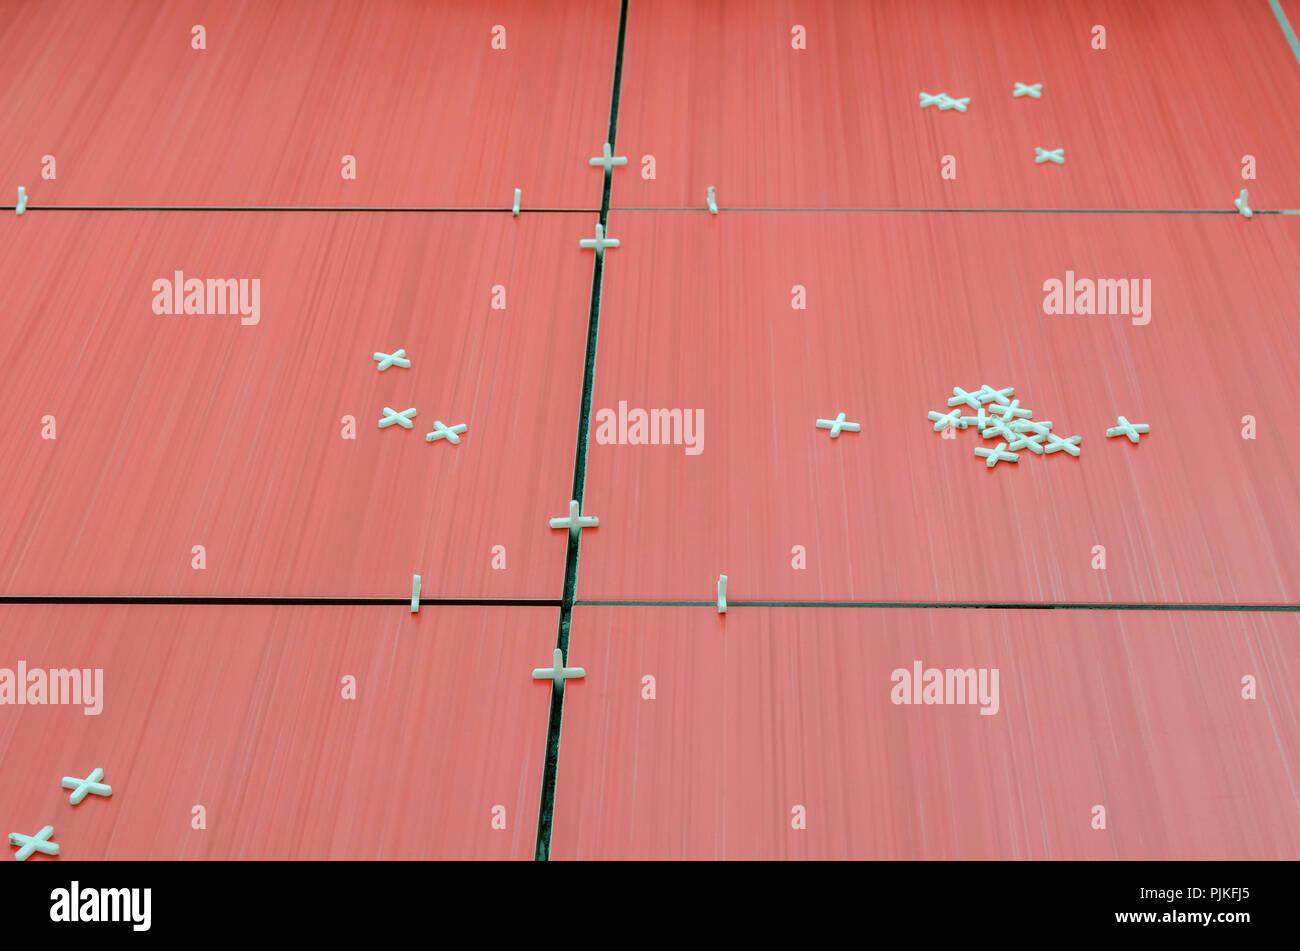 Fliesen Abstandhalter Stockfotos Fliesen Abstandhalter Bilder Alamy